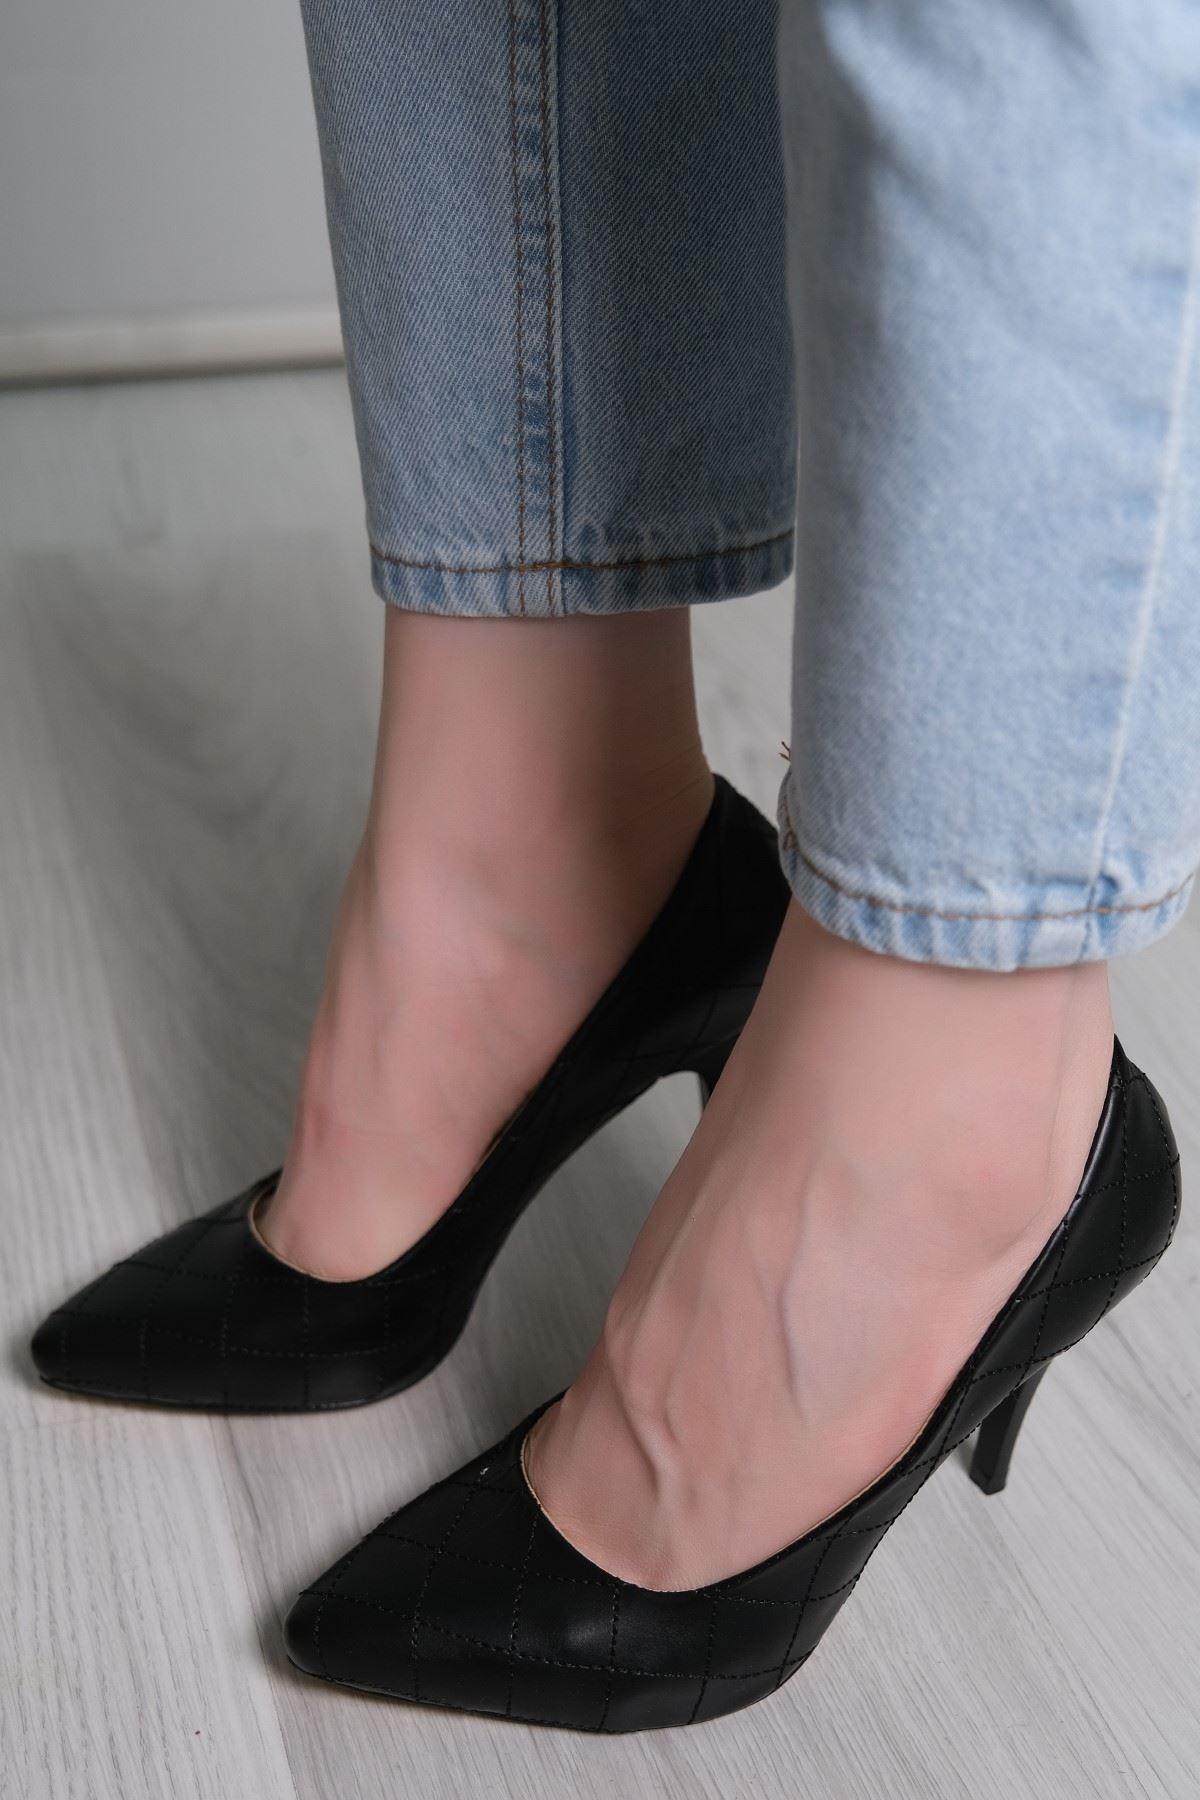 9 Cm Topuklu Ayakkabı Siyahderi - 5781.264.